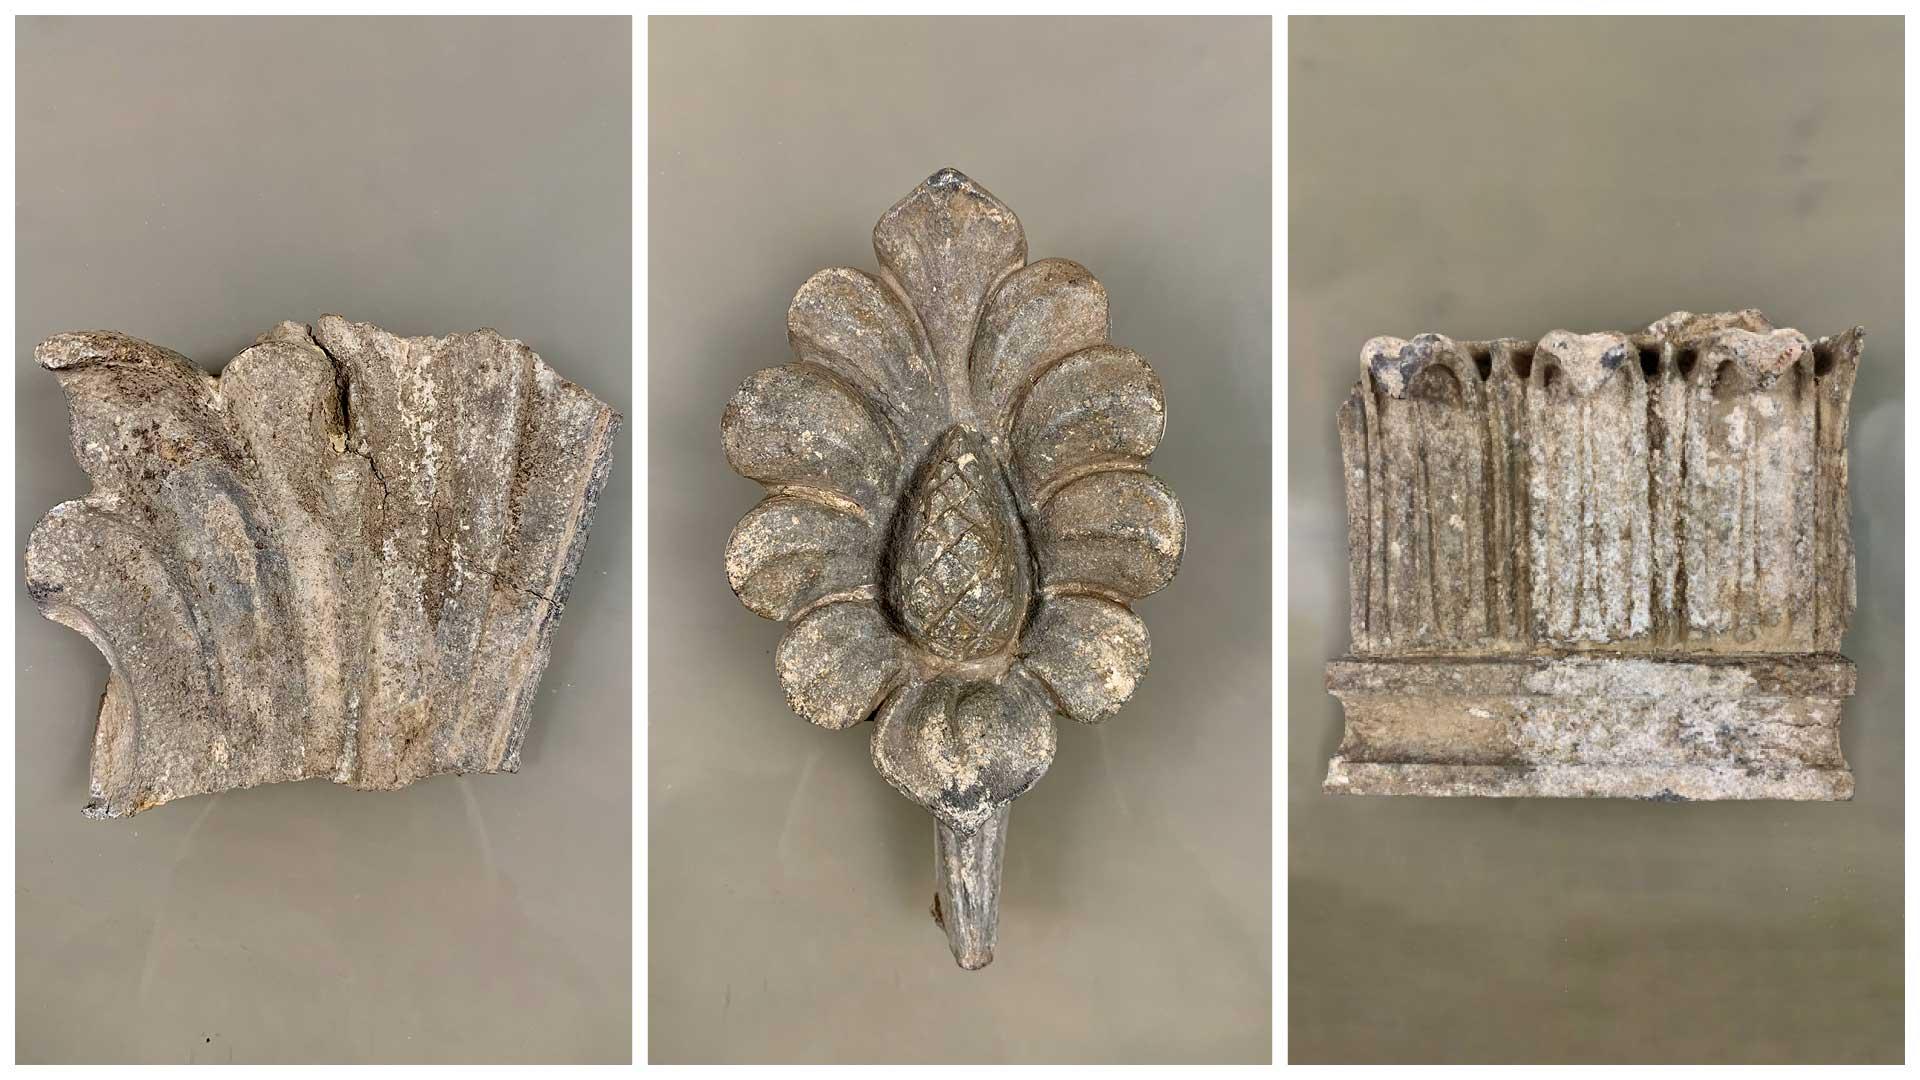 Abb. 1, 2, 3: Fundstücke - Drei Architekturfragmente aus Zinkguss